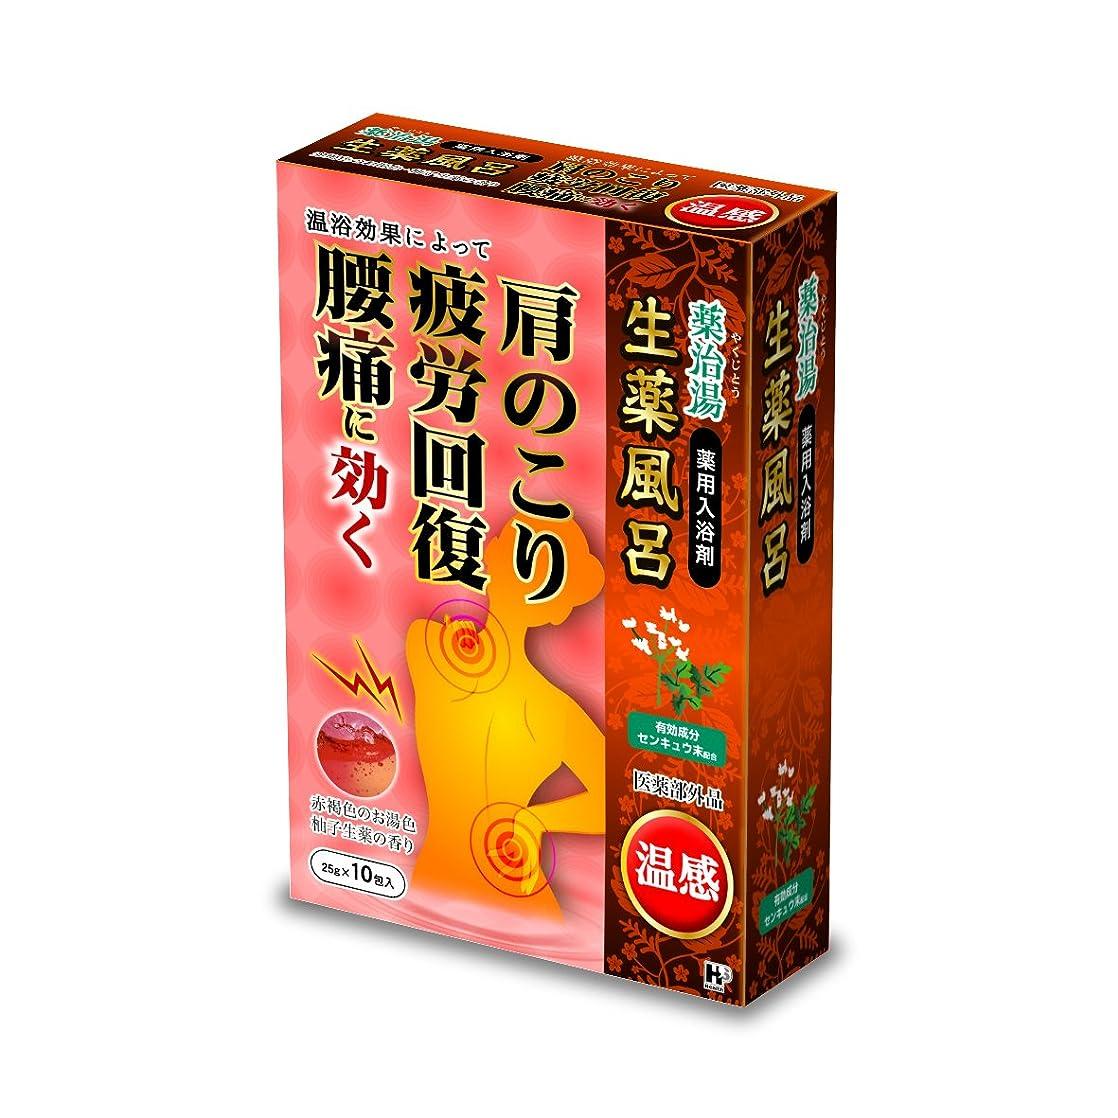 アルプス愛国的なボリューム薬治湯温感 柚子生薬の香り